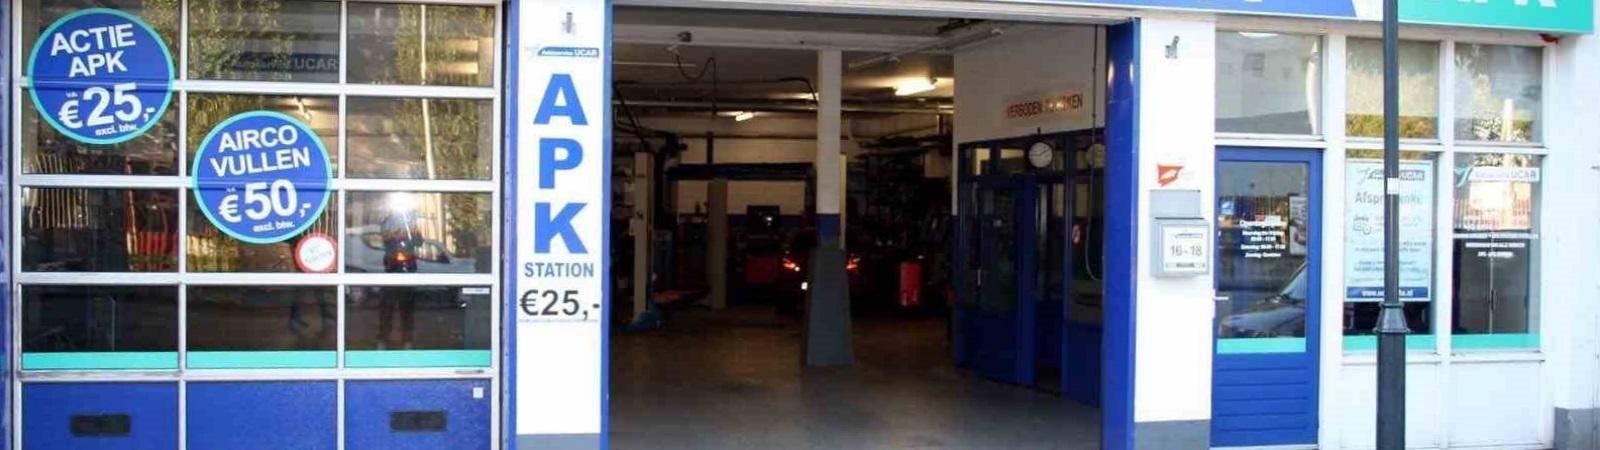 Auto garage Haarlem APK Actie € 25,-